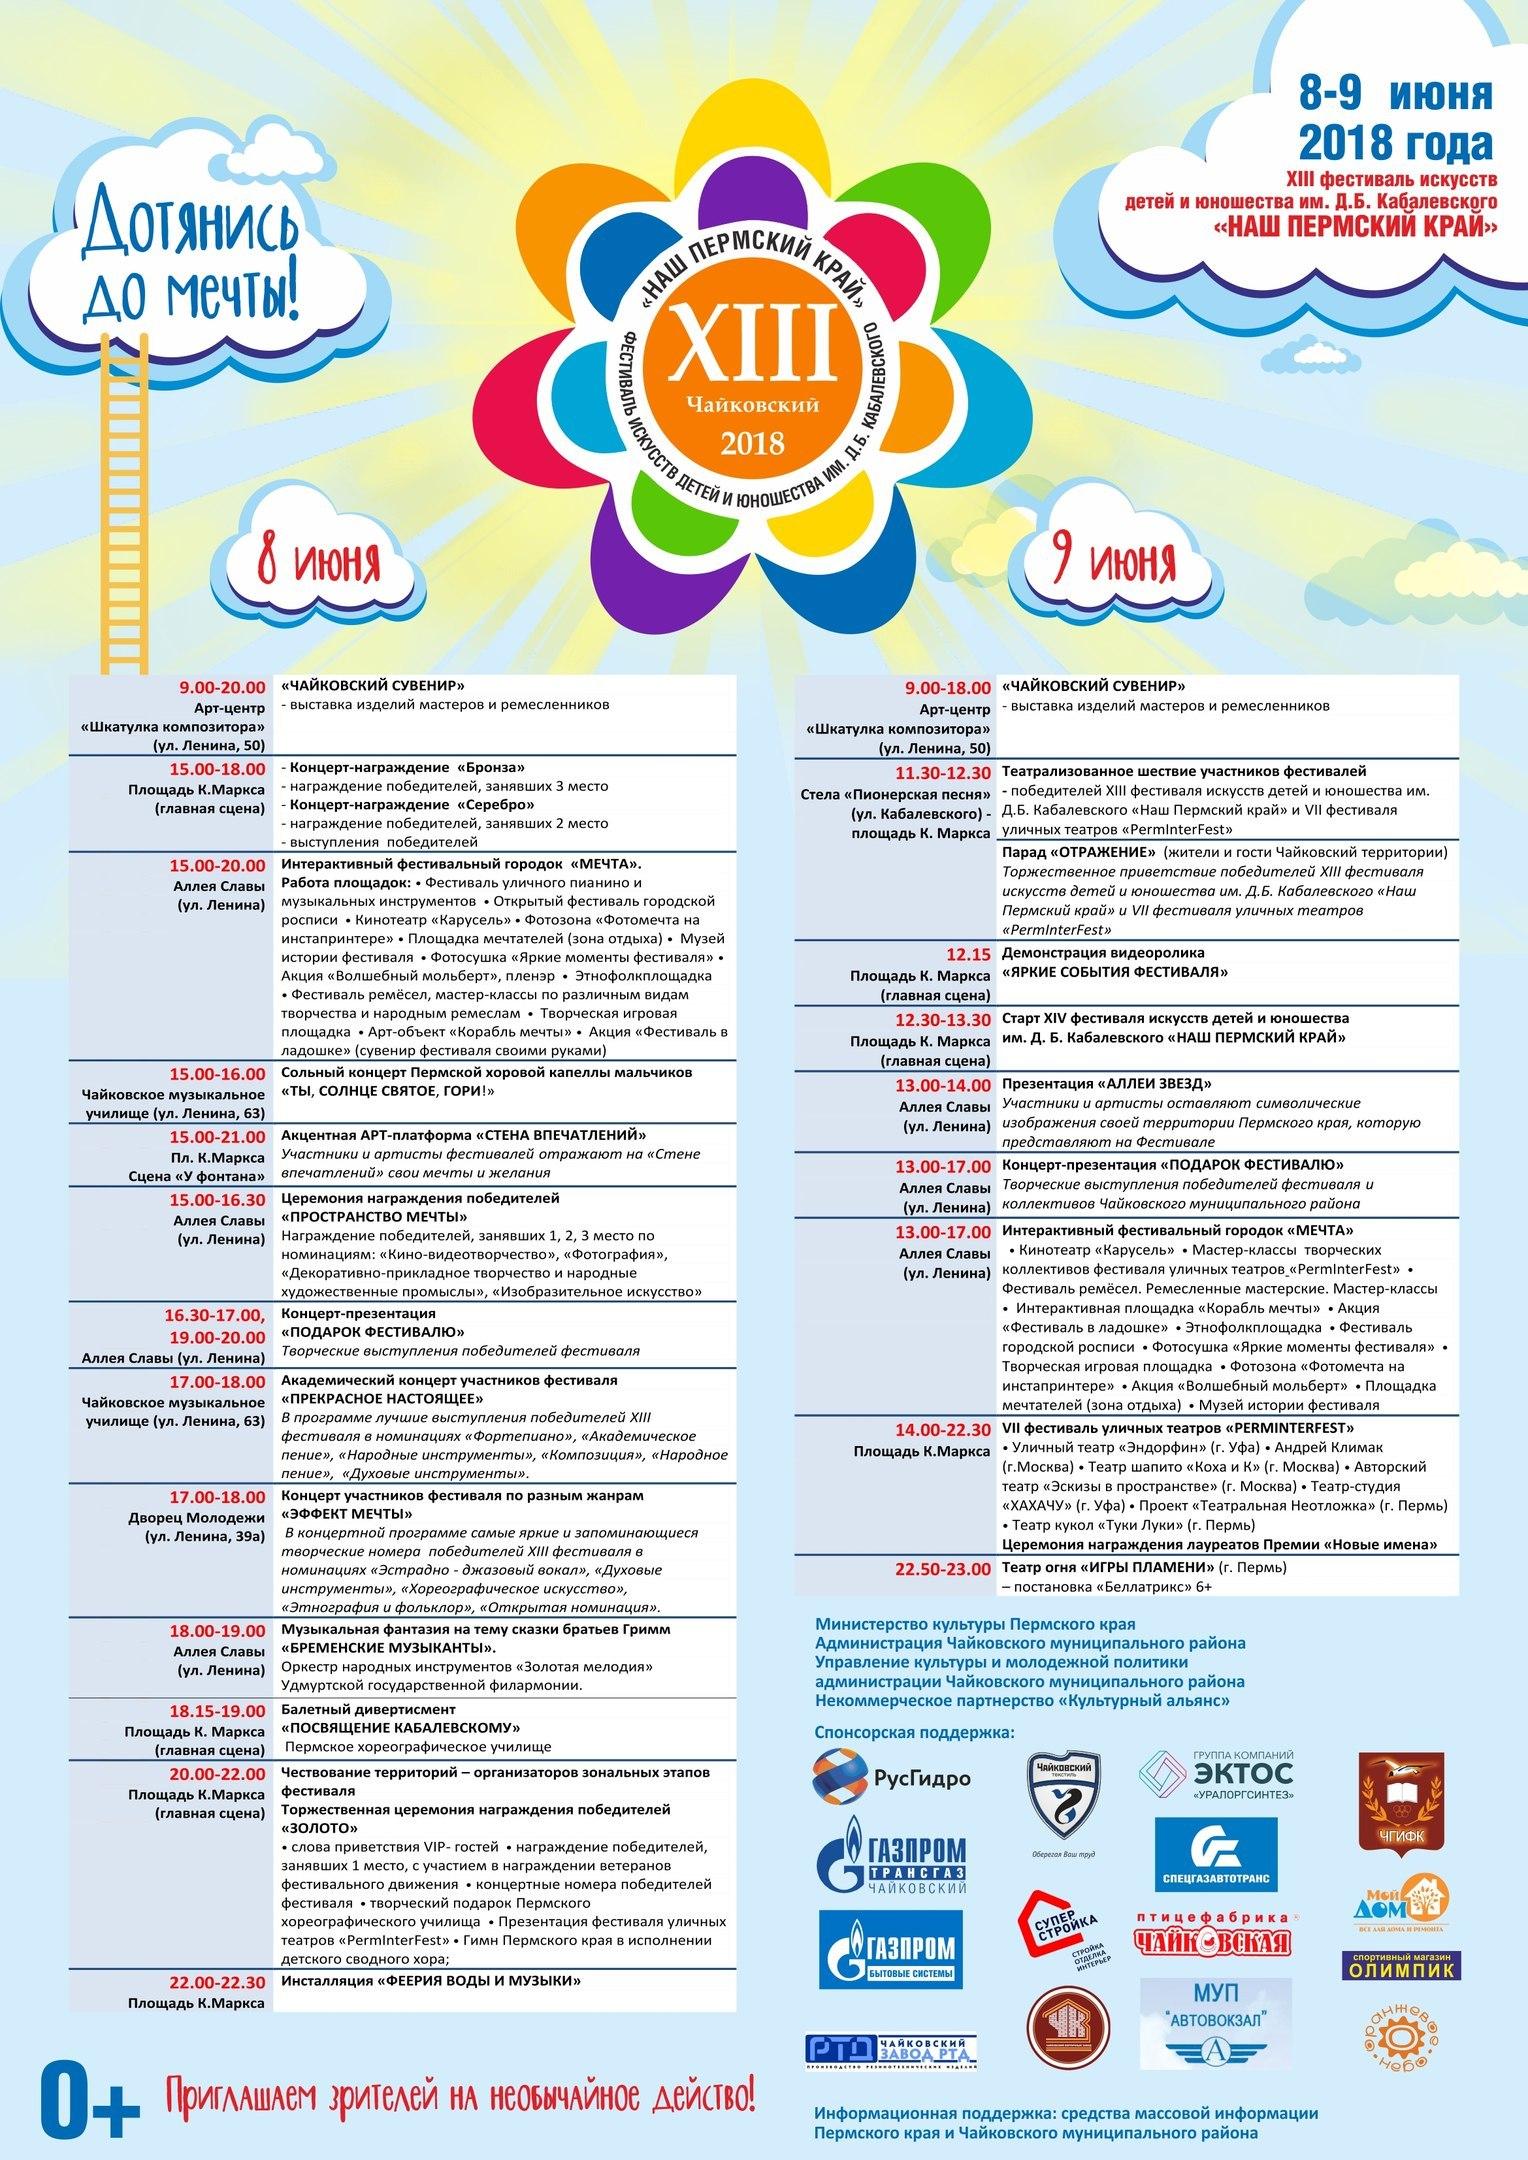 афиша фестиваля Кабалевского, Чайковский, 2018 год